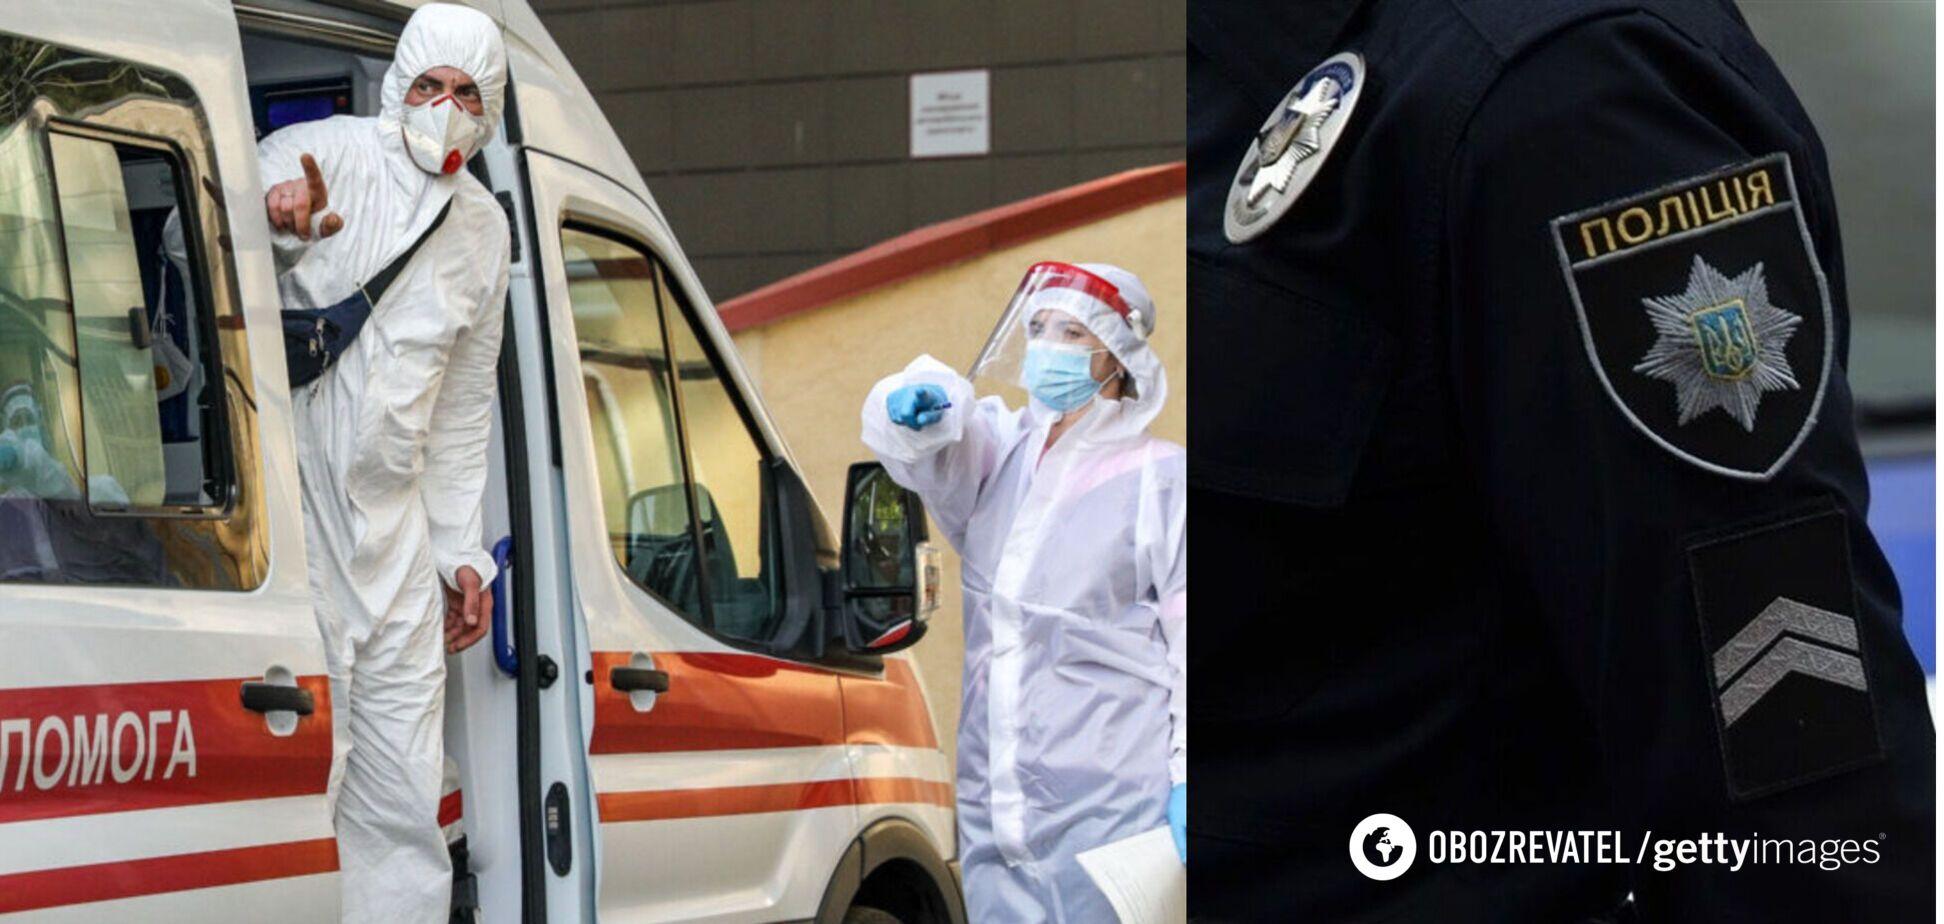 На Житомирщине судья с симптомами COVID-19 набросилась на врача: ЧП расследует ГБР